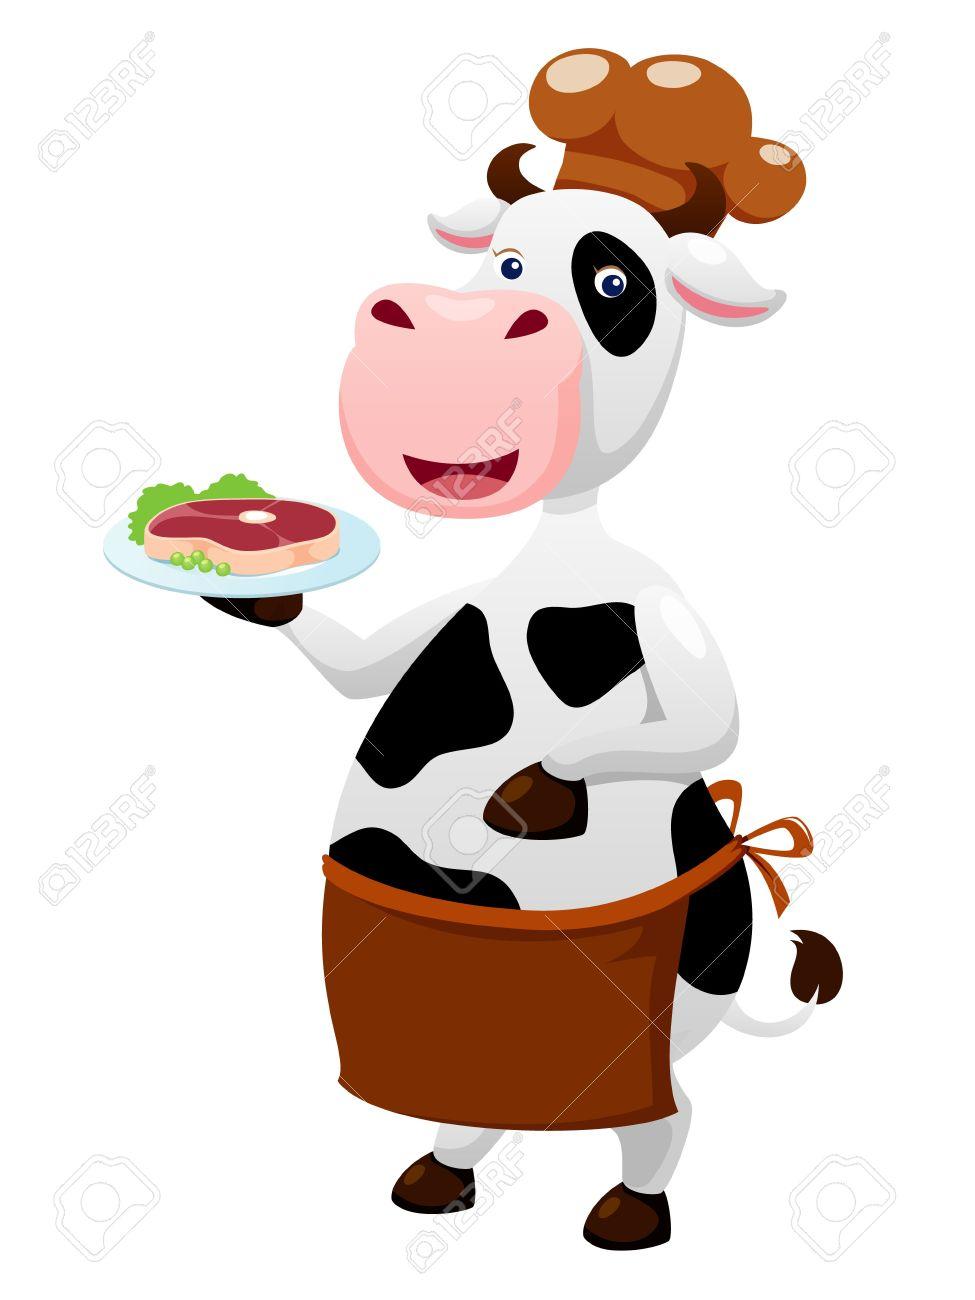 Cow cartoon with beef steak Stock Vector - 14812682